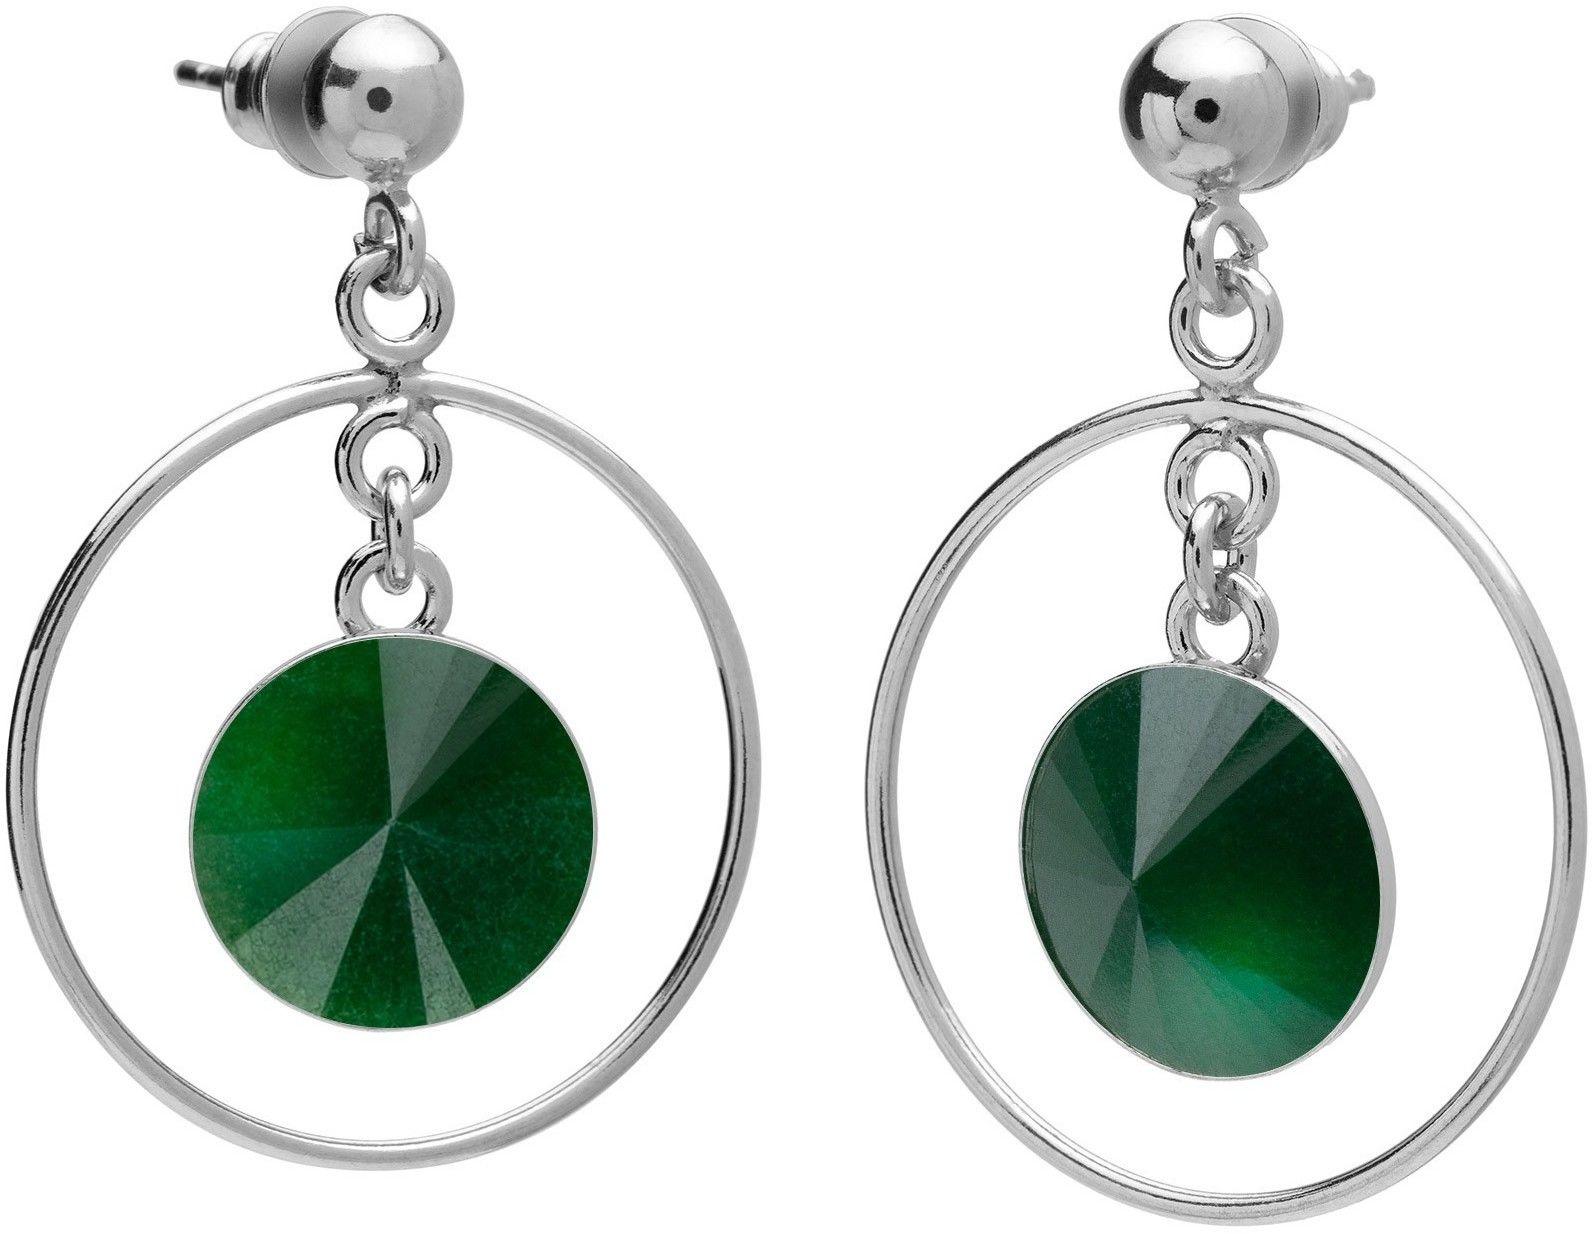 Okrągłe kolczyki z naturalnym kamieniem, jadeit, srebro 925 : Kamienie naturalne - kolor - jadeit zielony ciemny, Srebro - kolor pokrycia - Pokrycie platyną